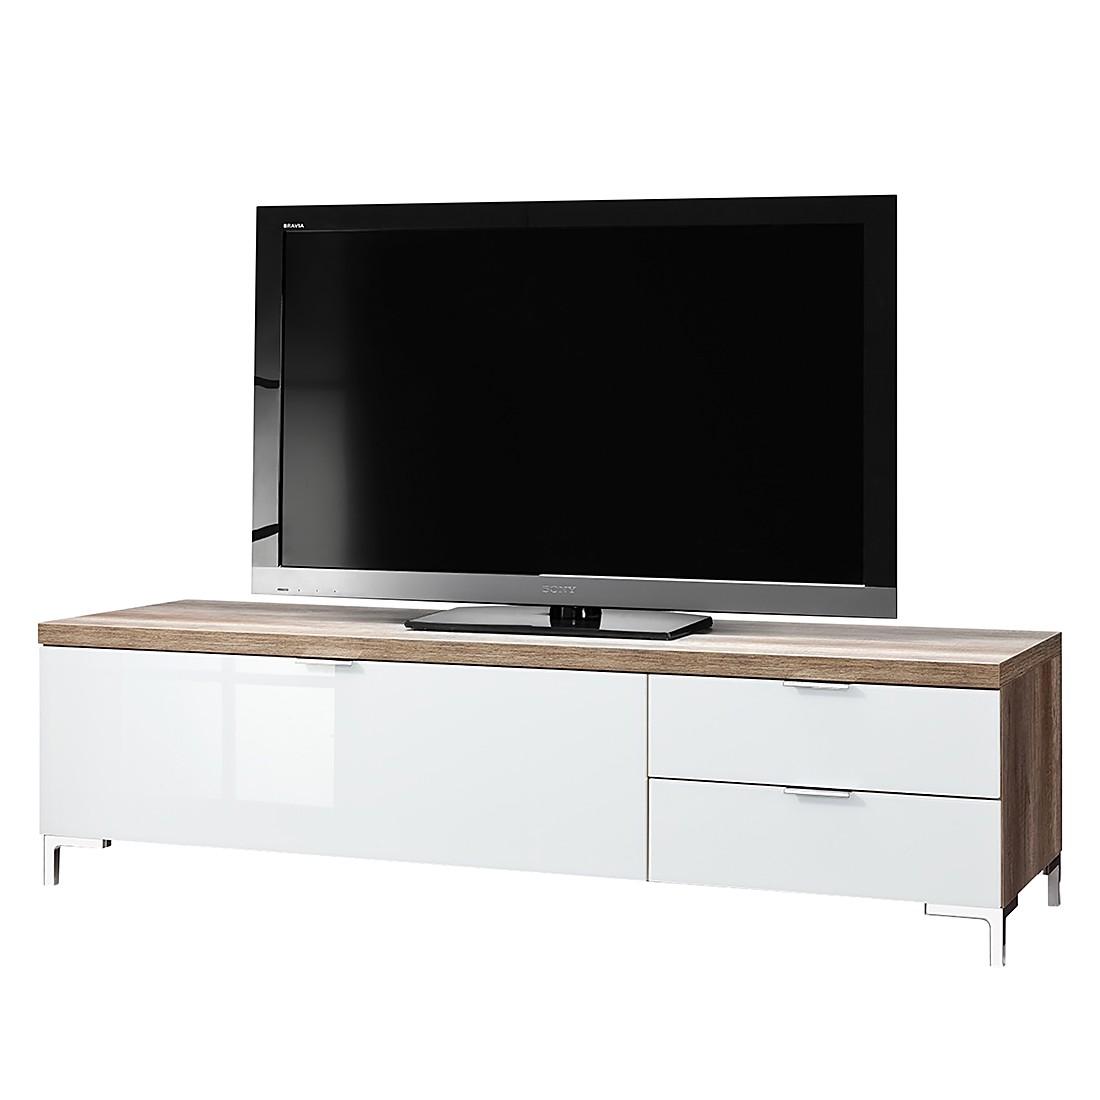 cs schmal cleo sonstige preisvergleiche erfahrungsberichte und kauf bei nextag. Black Bedroom Furniture Sets. Home Design Ideas